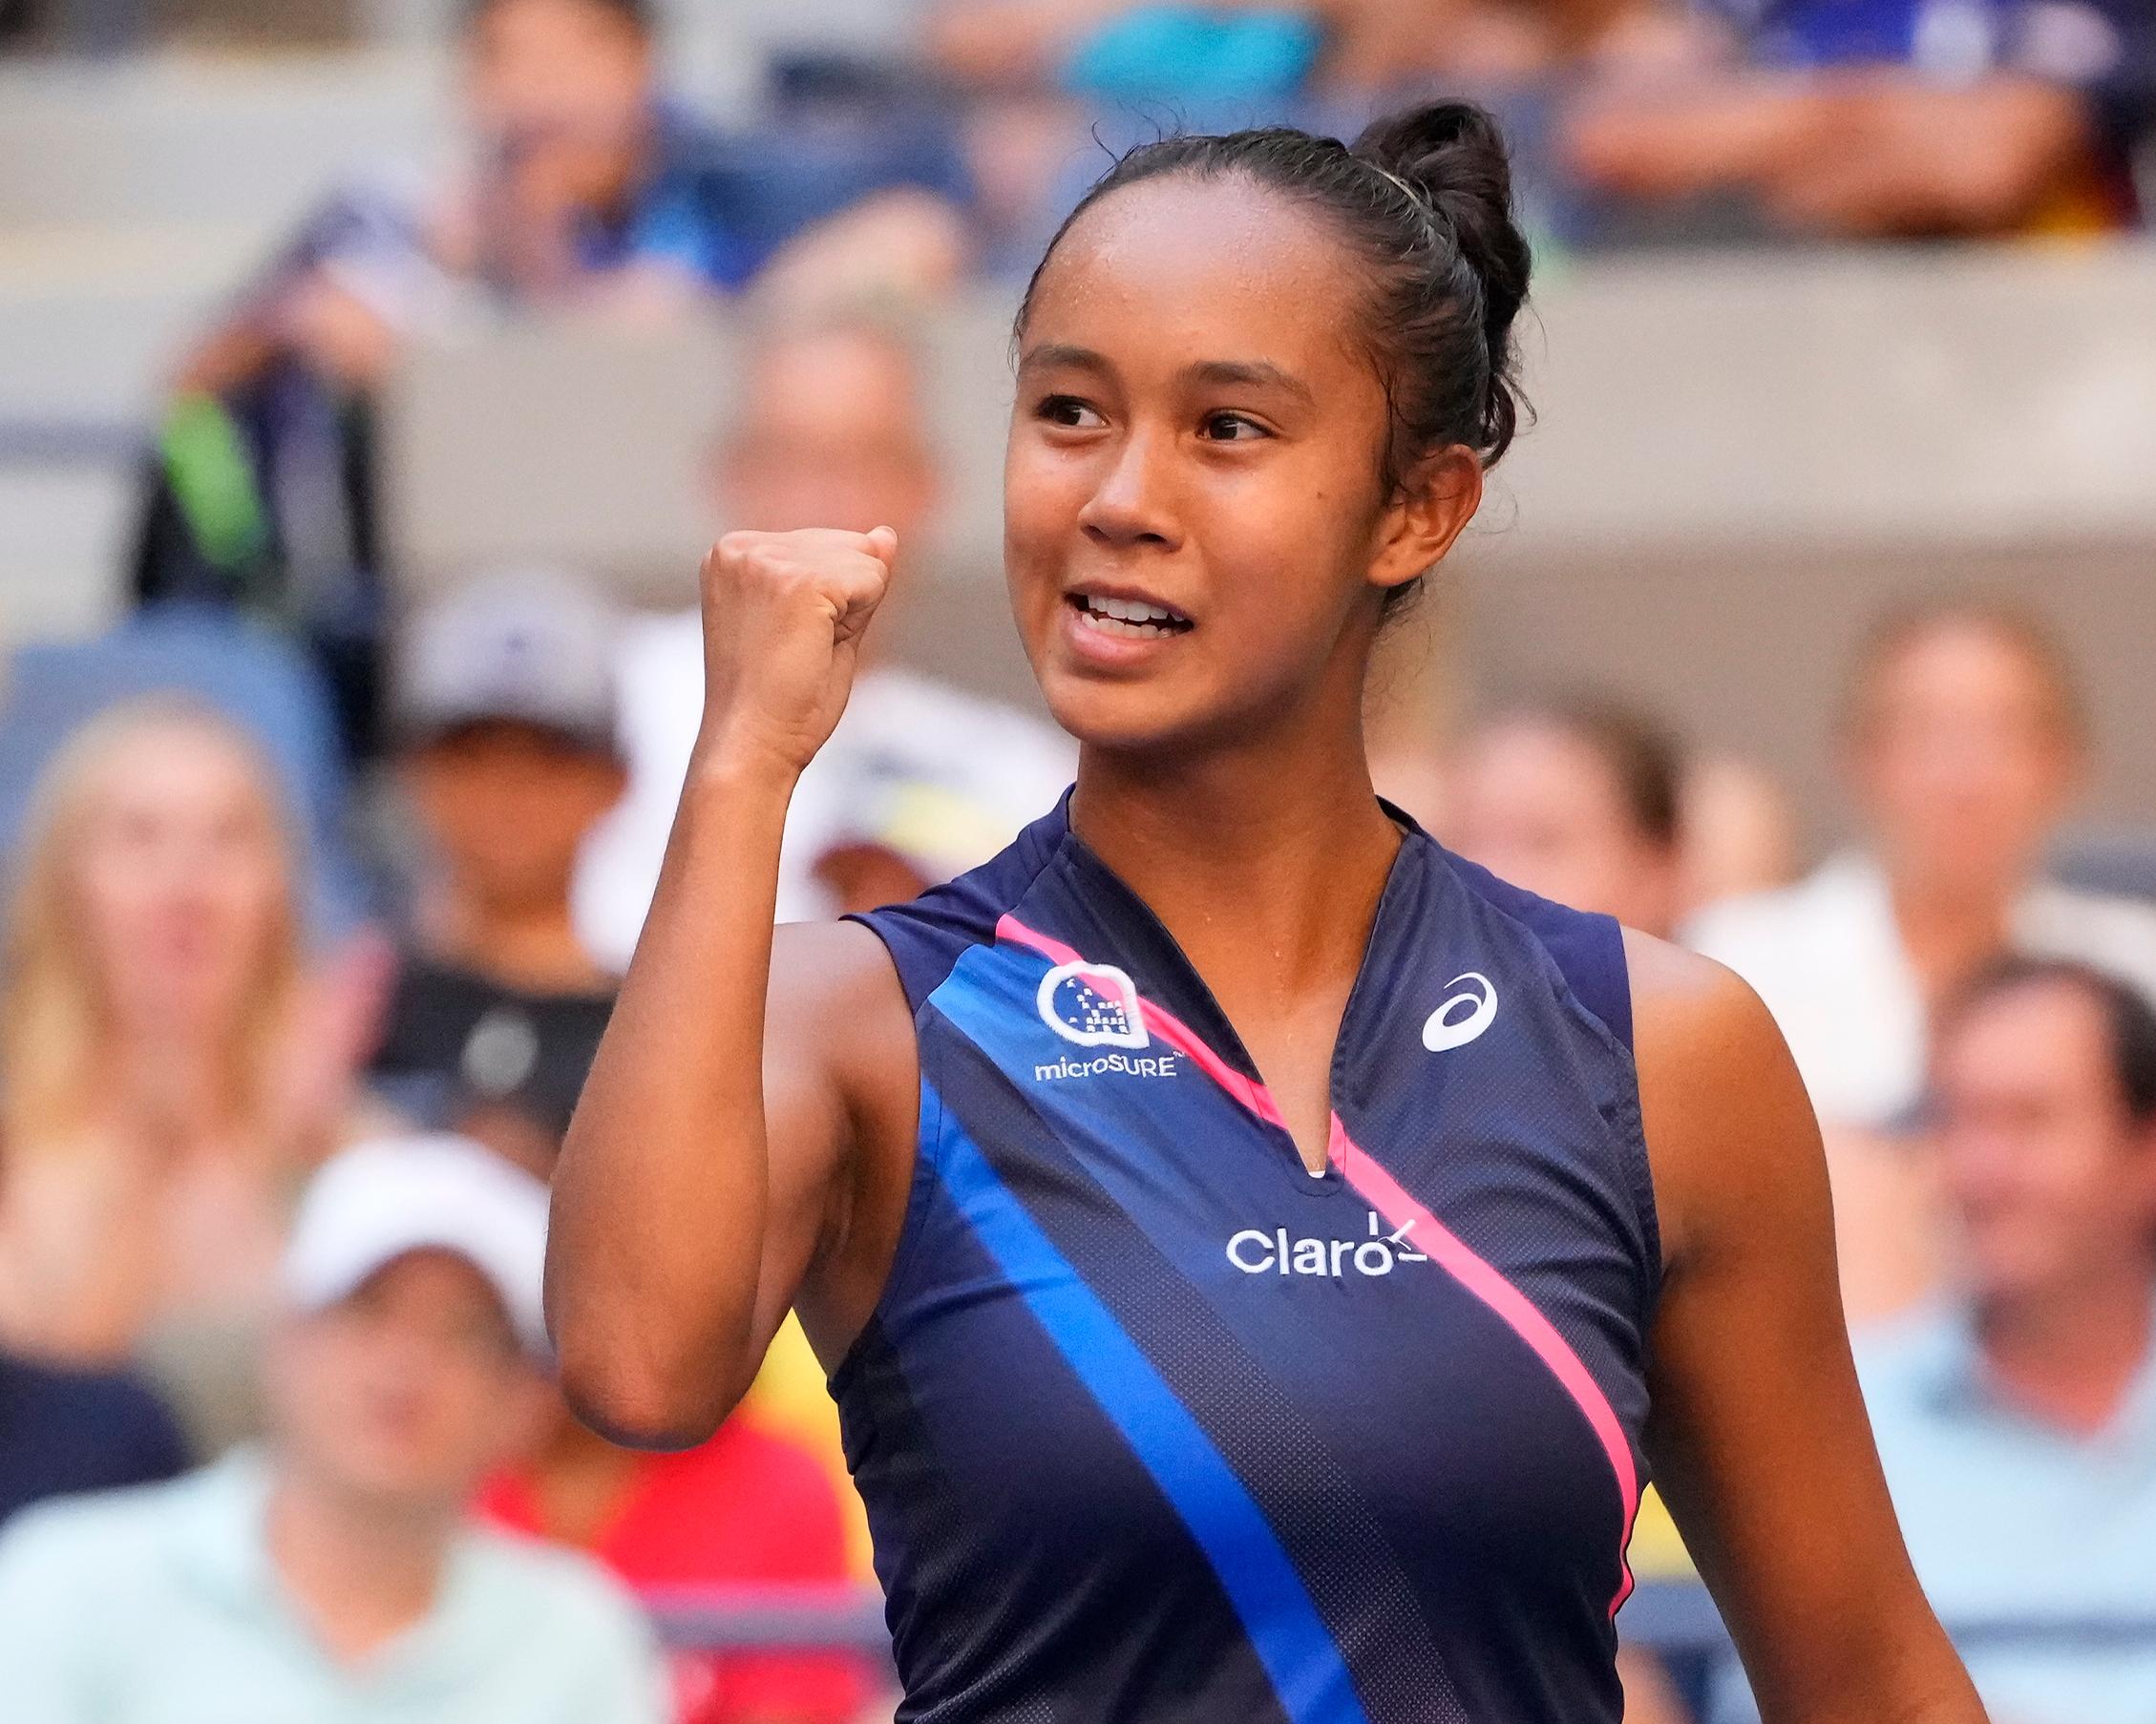 Βόμβα στο US Open: Η 19χρονη Φερνάντες απέκλεισε τη Σβιτολίνα